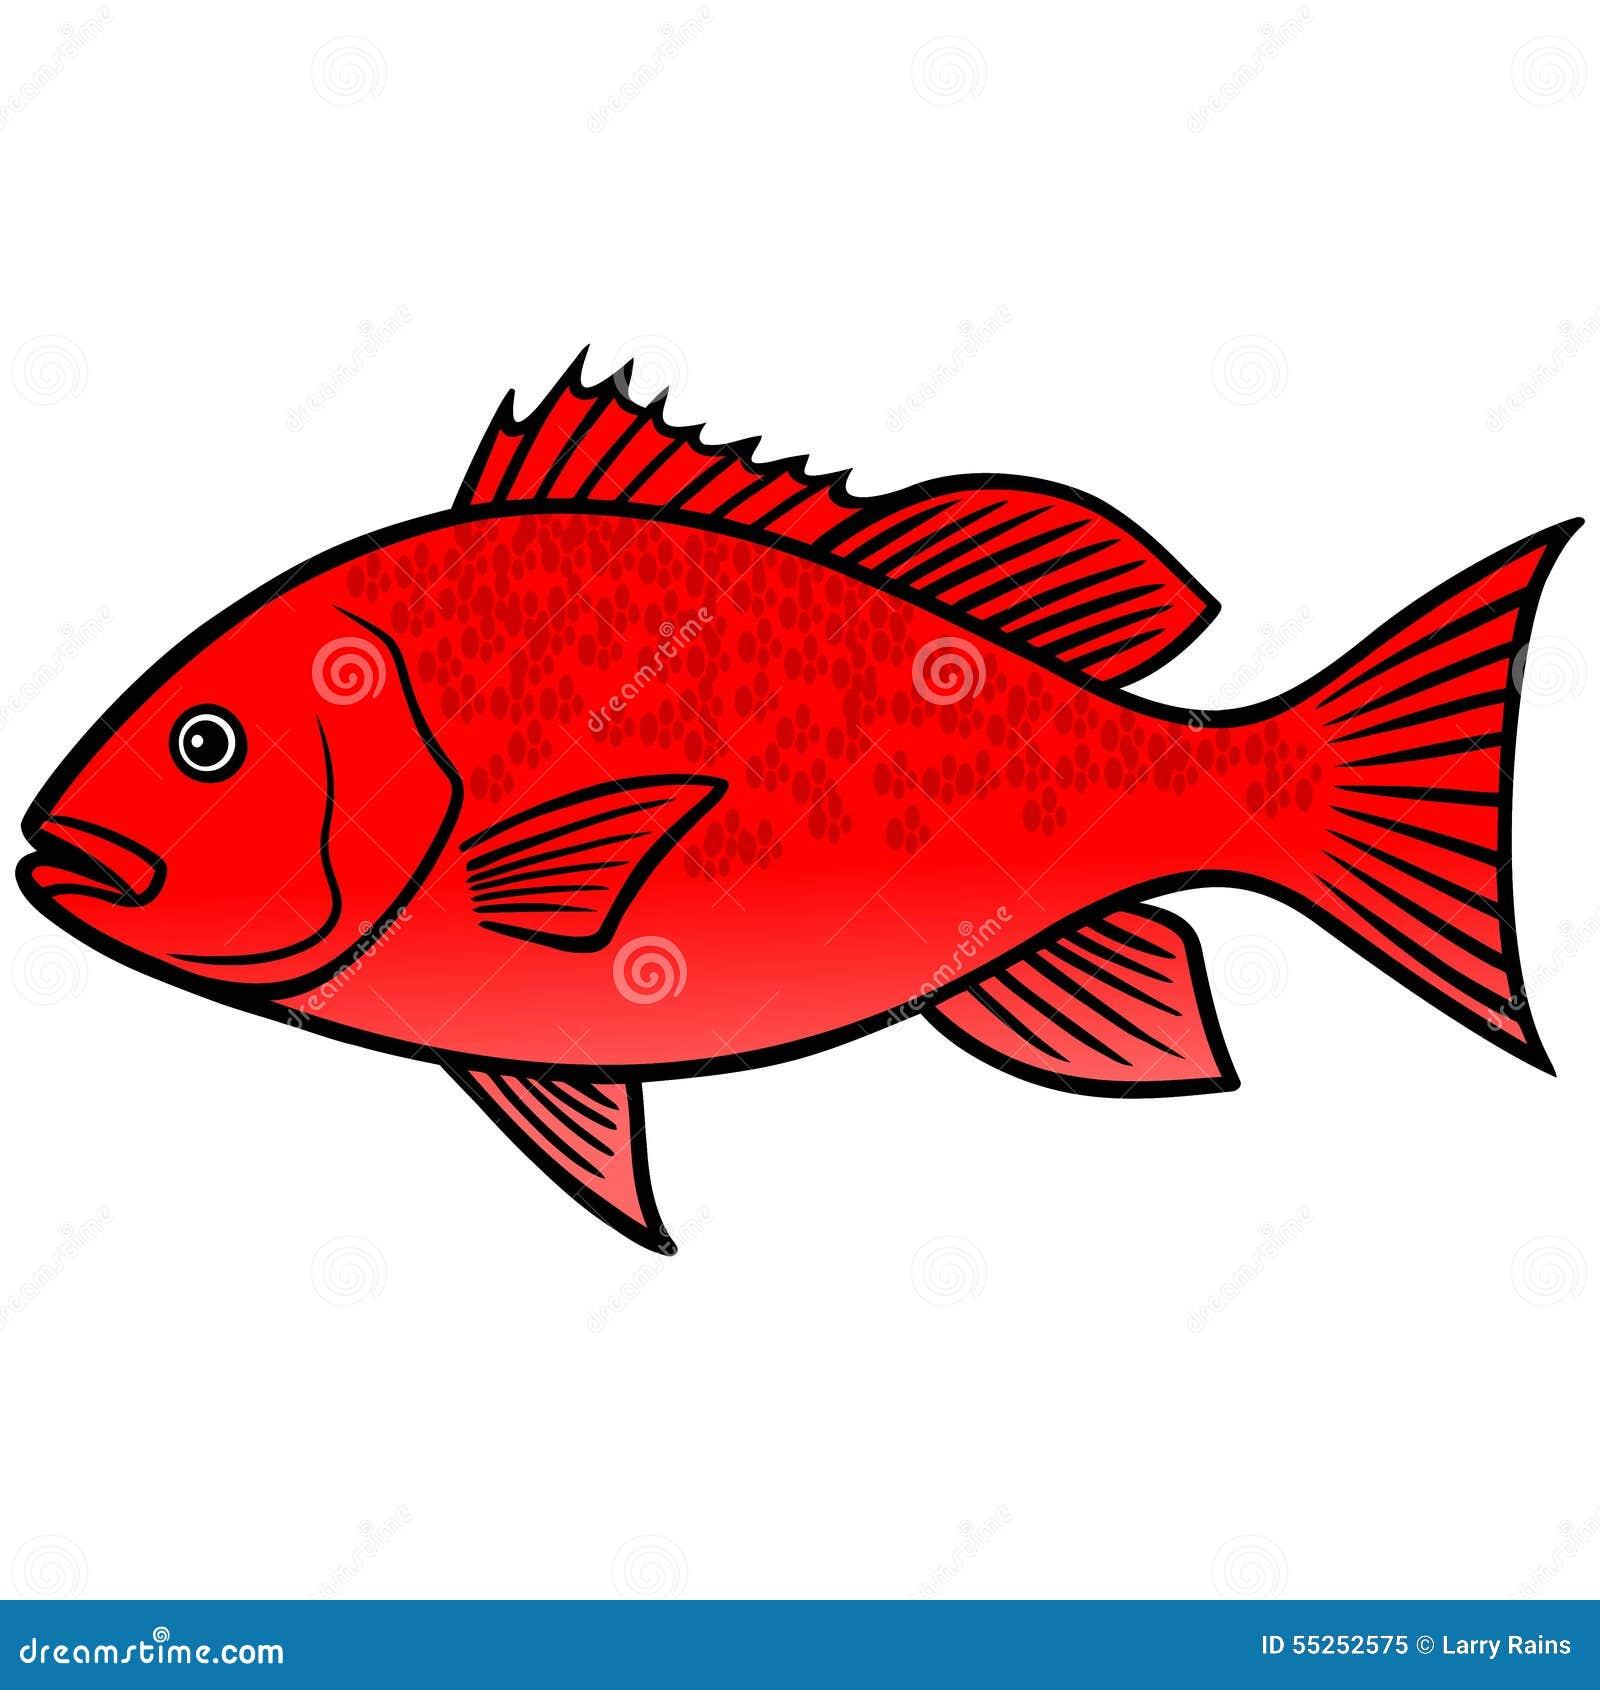 Red Snapper Fish stock vector. Illustration of cartoon - 55252575